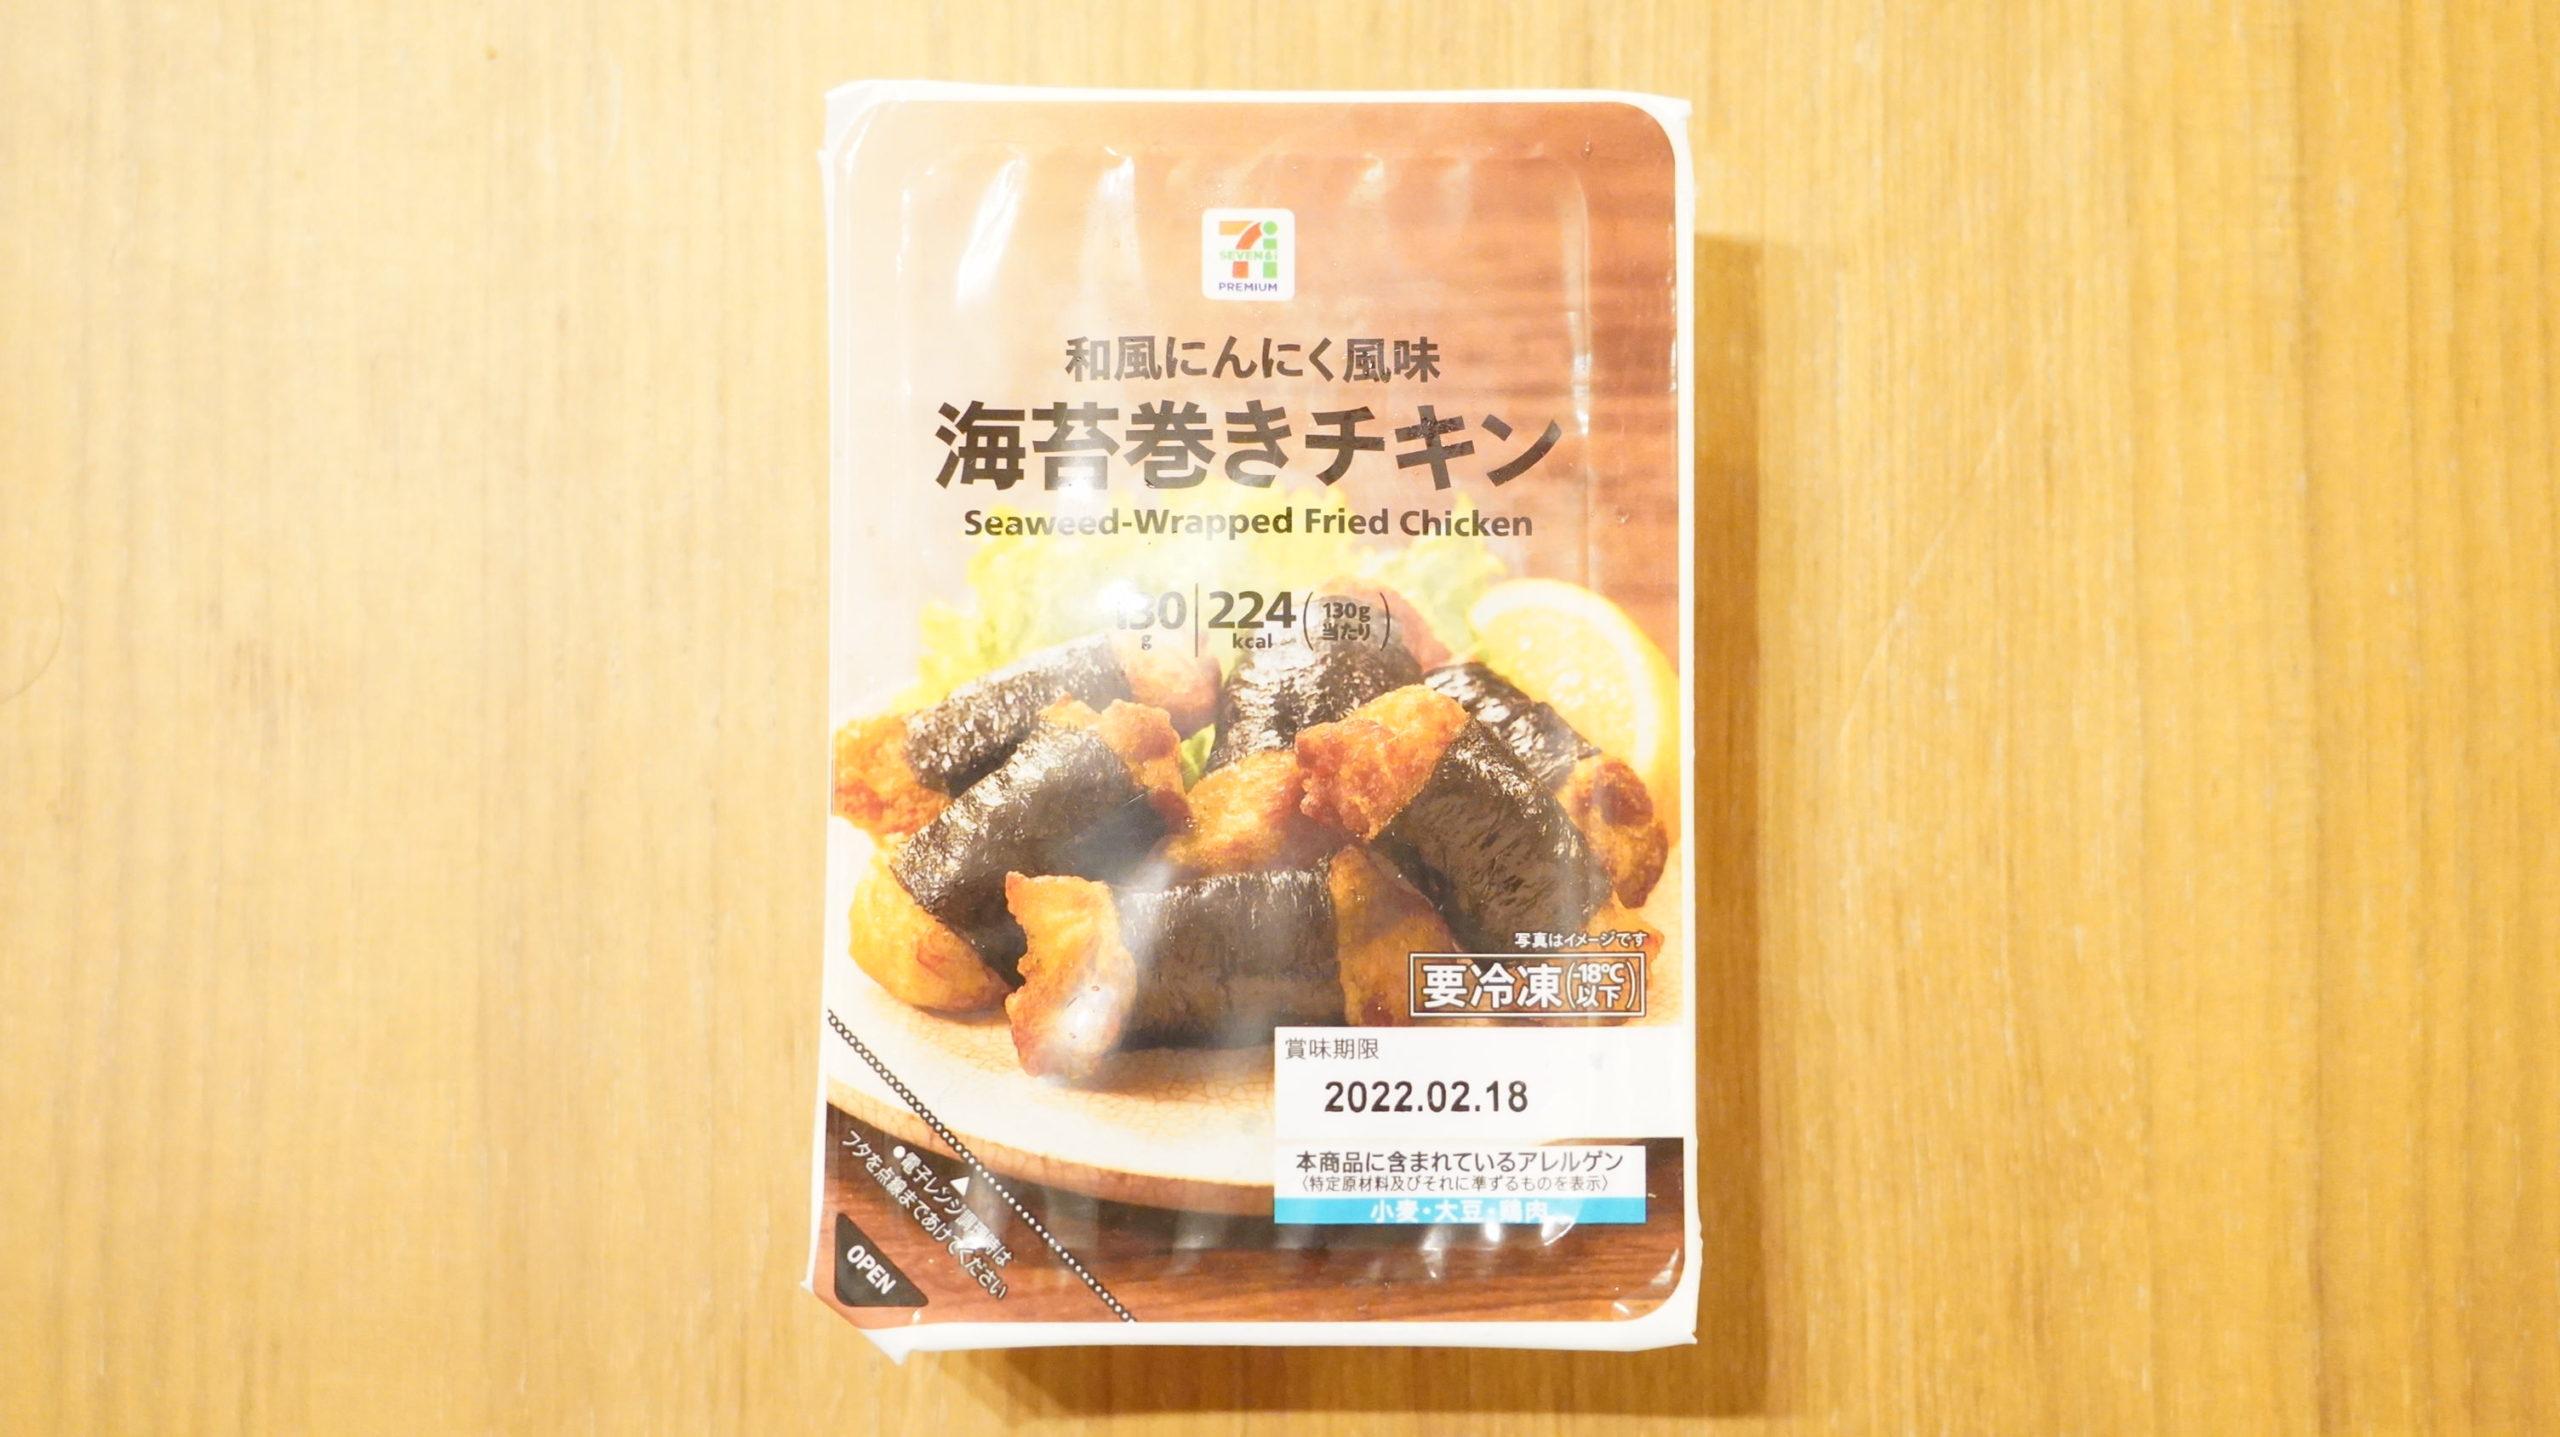 セブンイレブンの冷凍食品「和風にんにく風味・海苔巻きチキン」のパッケージ写真